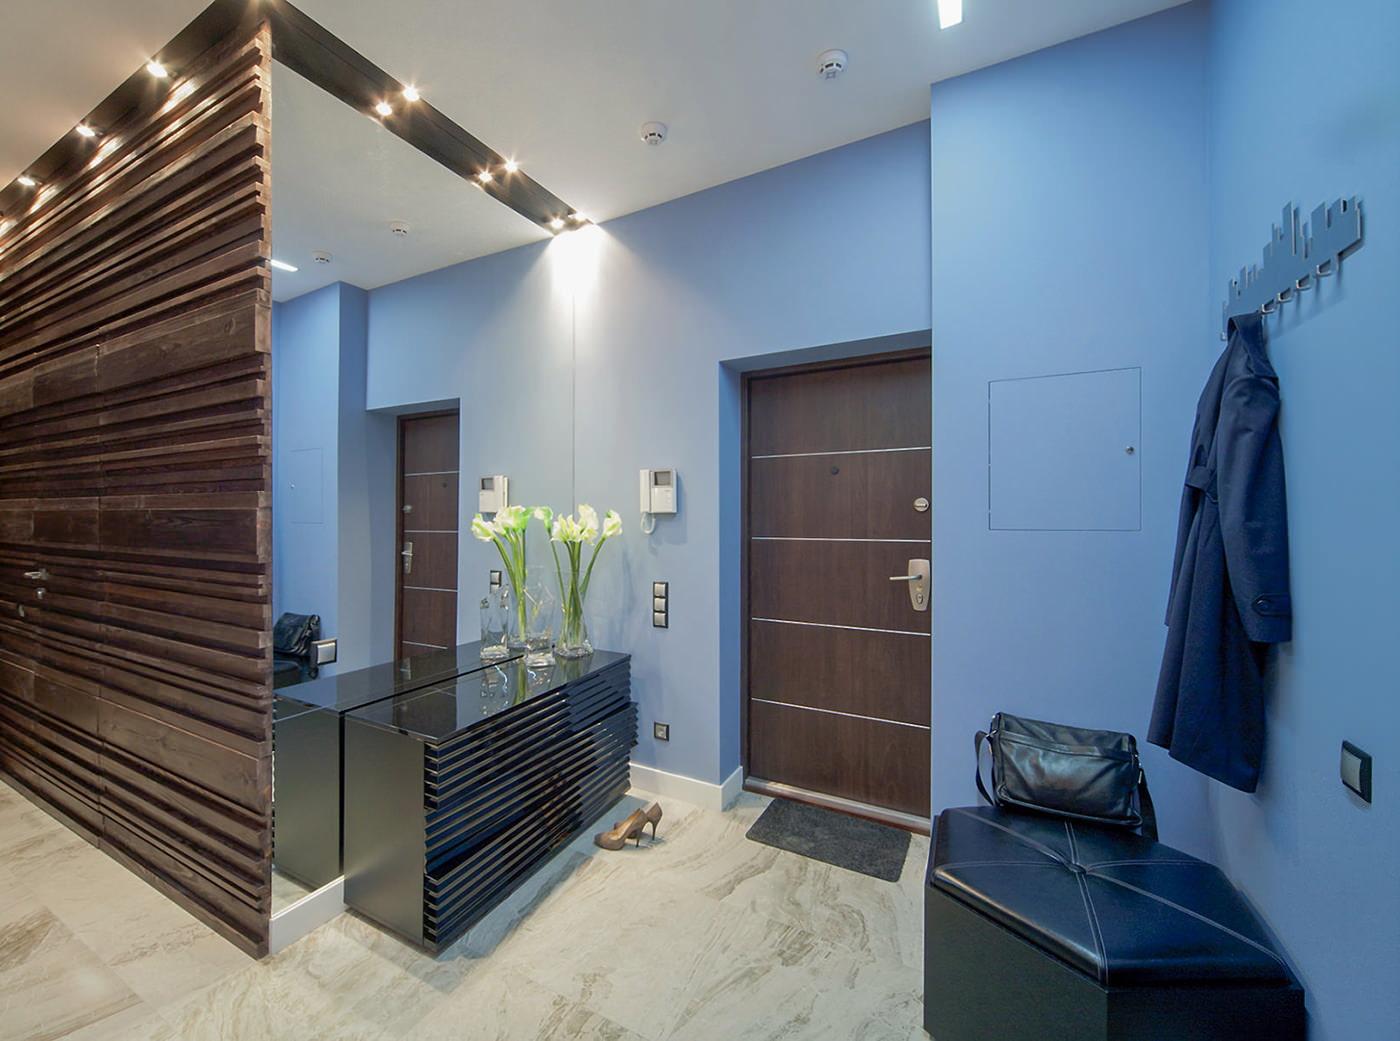 Как выбрать цветовые решения для оформления квартиры_5